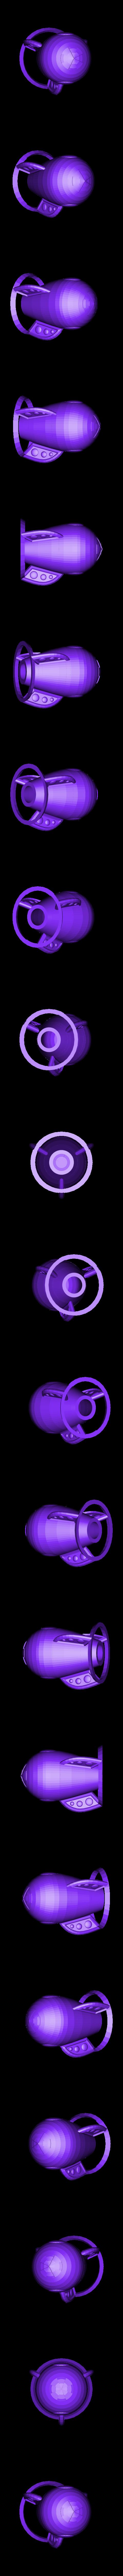 Rocket12.stl Download free STL file 8 Color Rocket • 3D printing design, ykratter